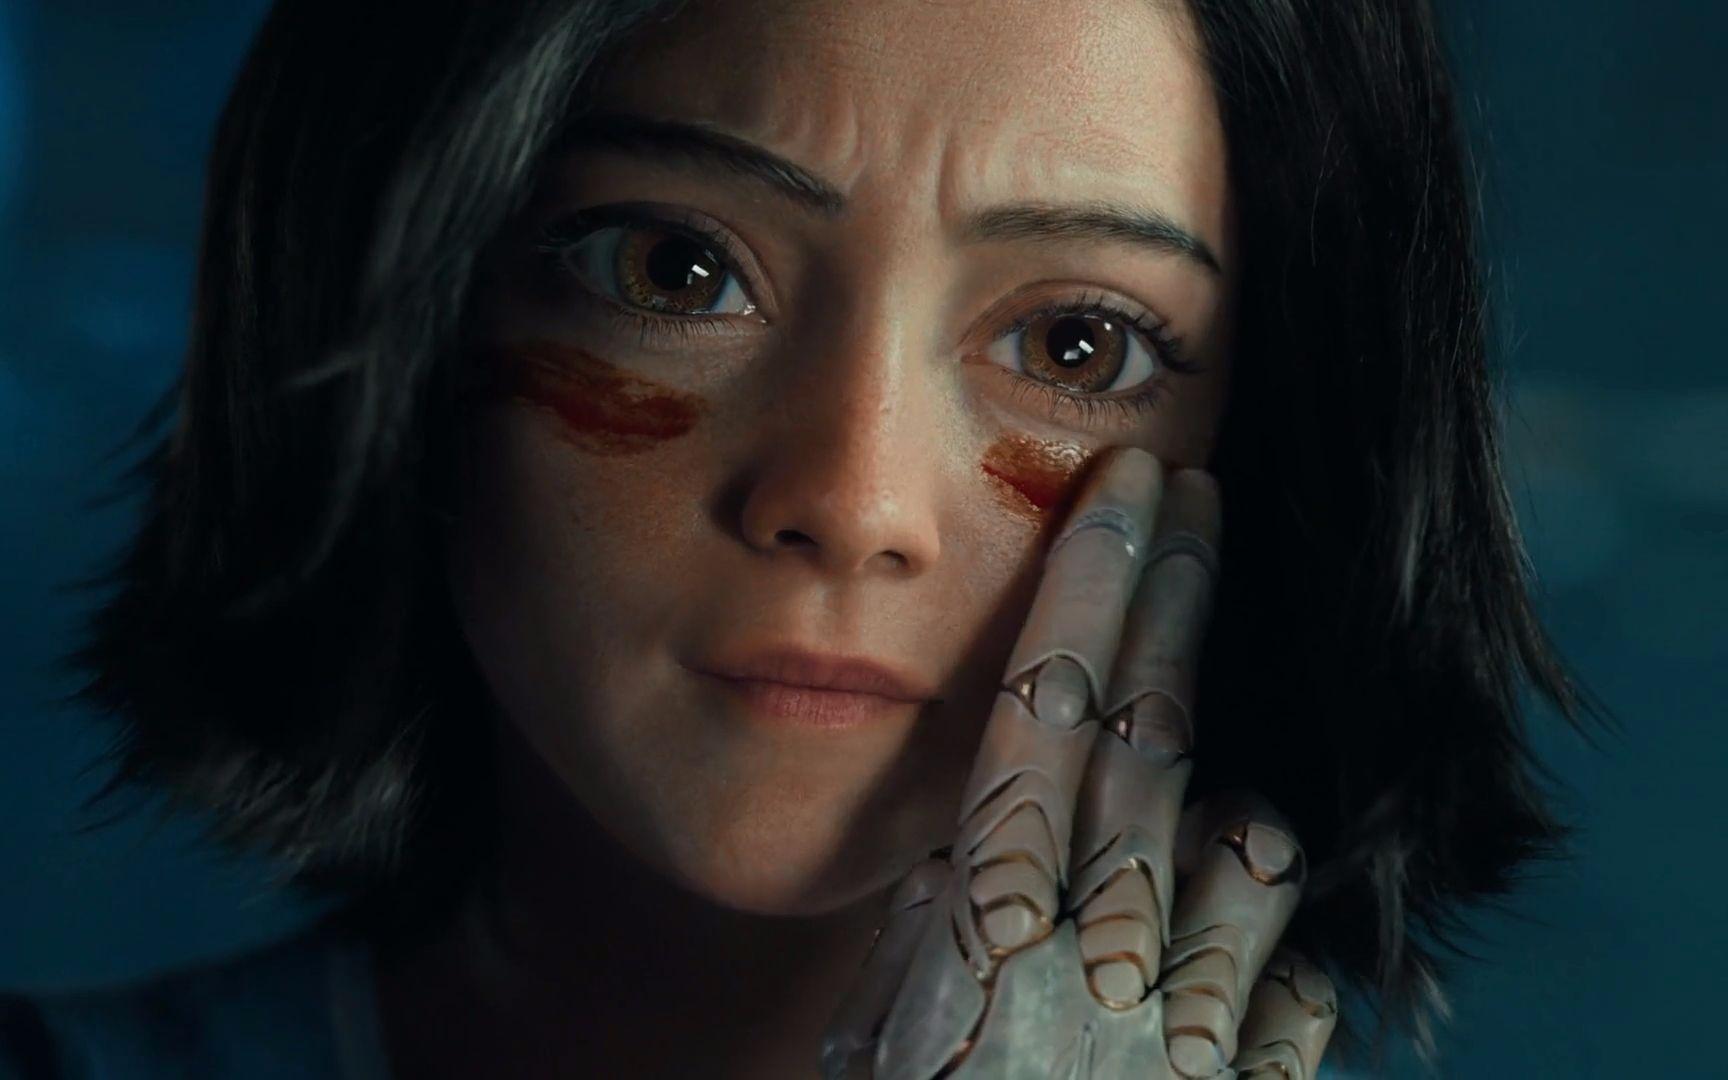 真人CGI电影中是如何让假皮肤看起来更真实呢?